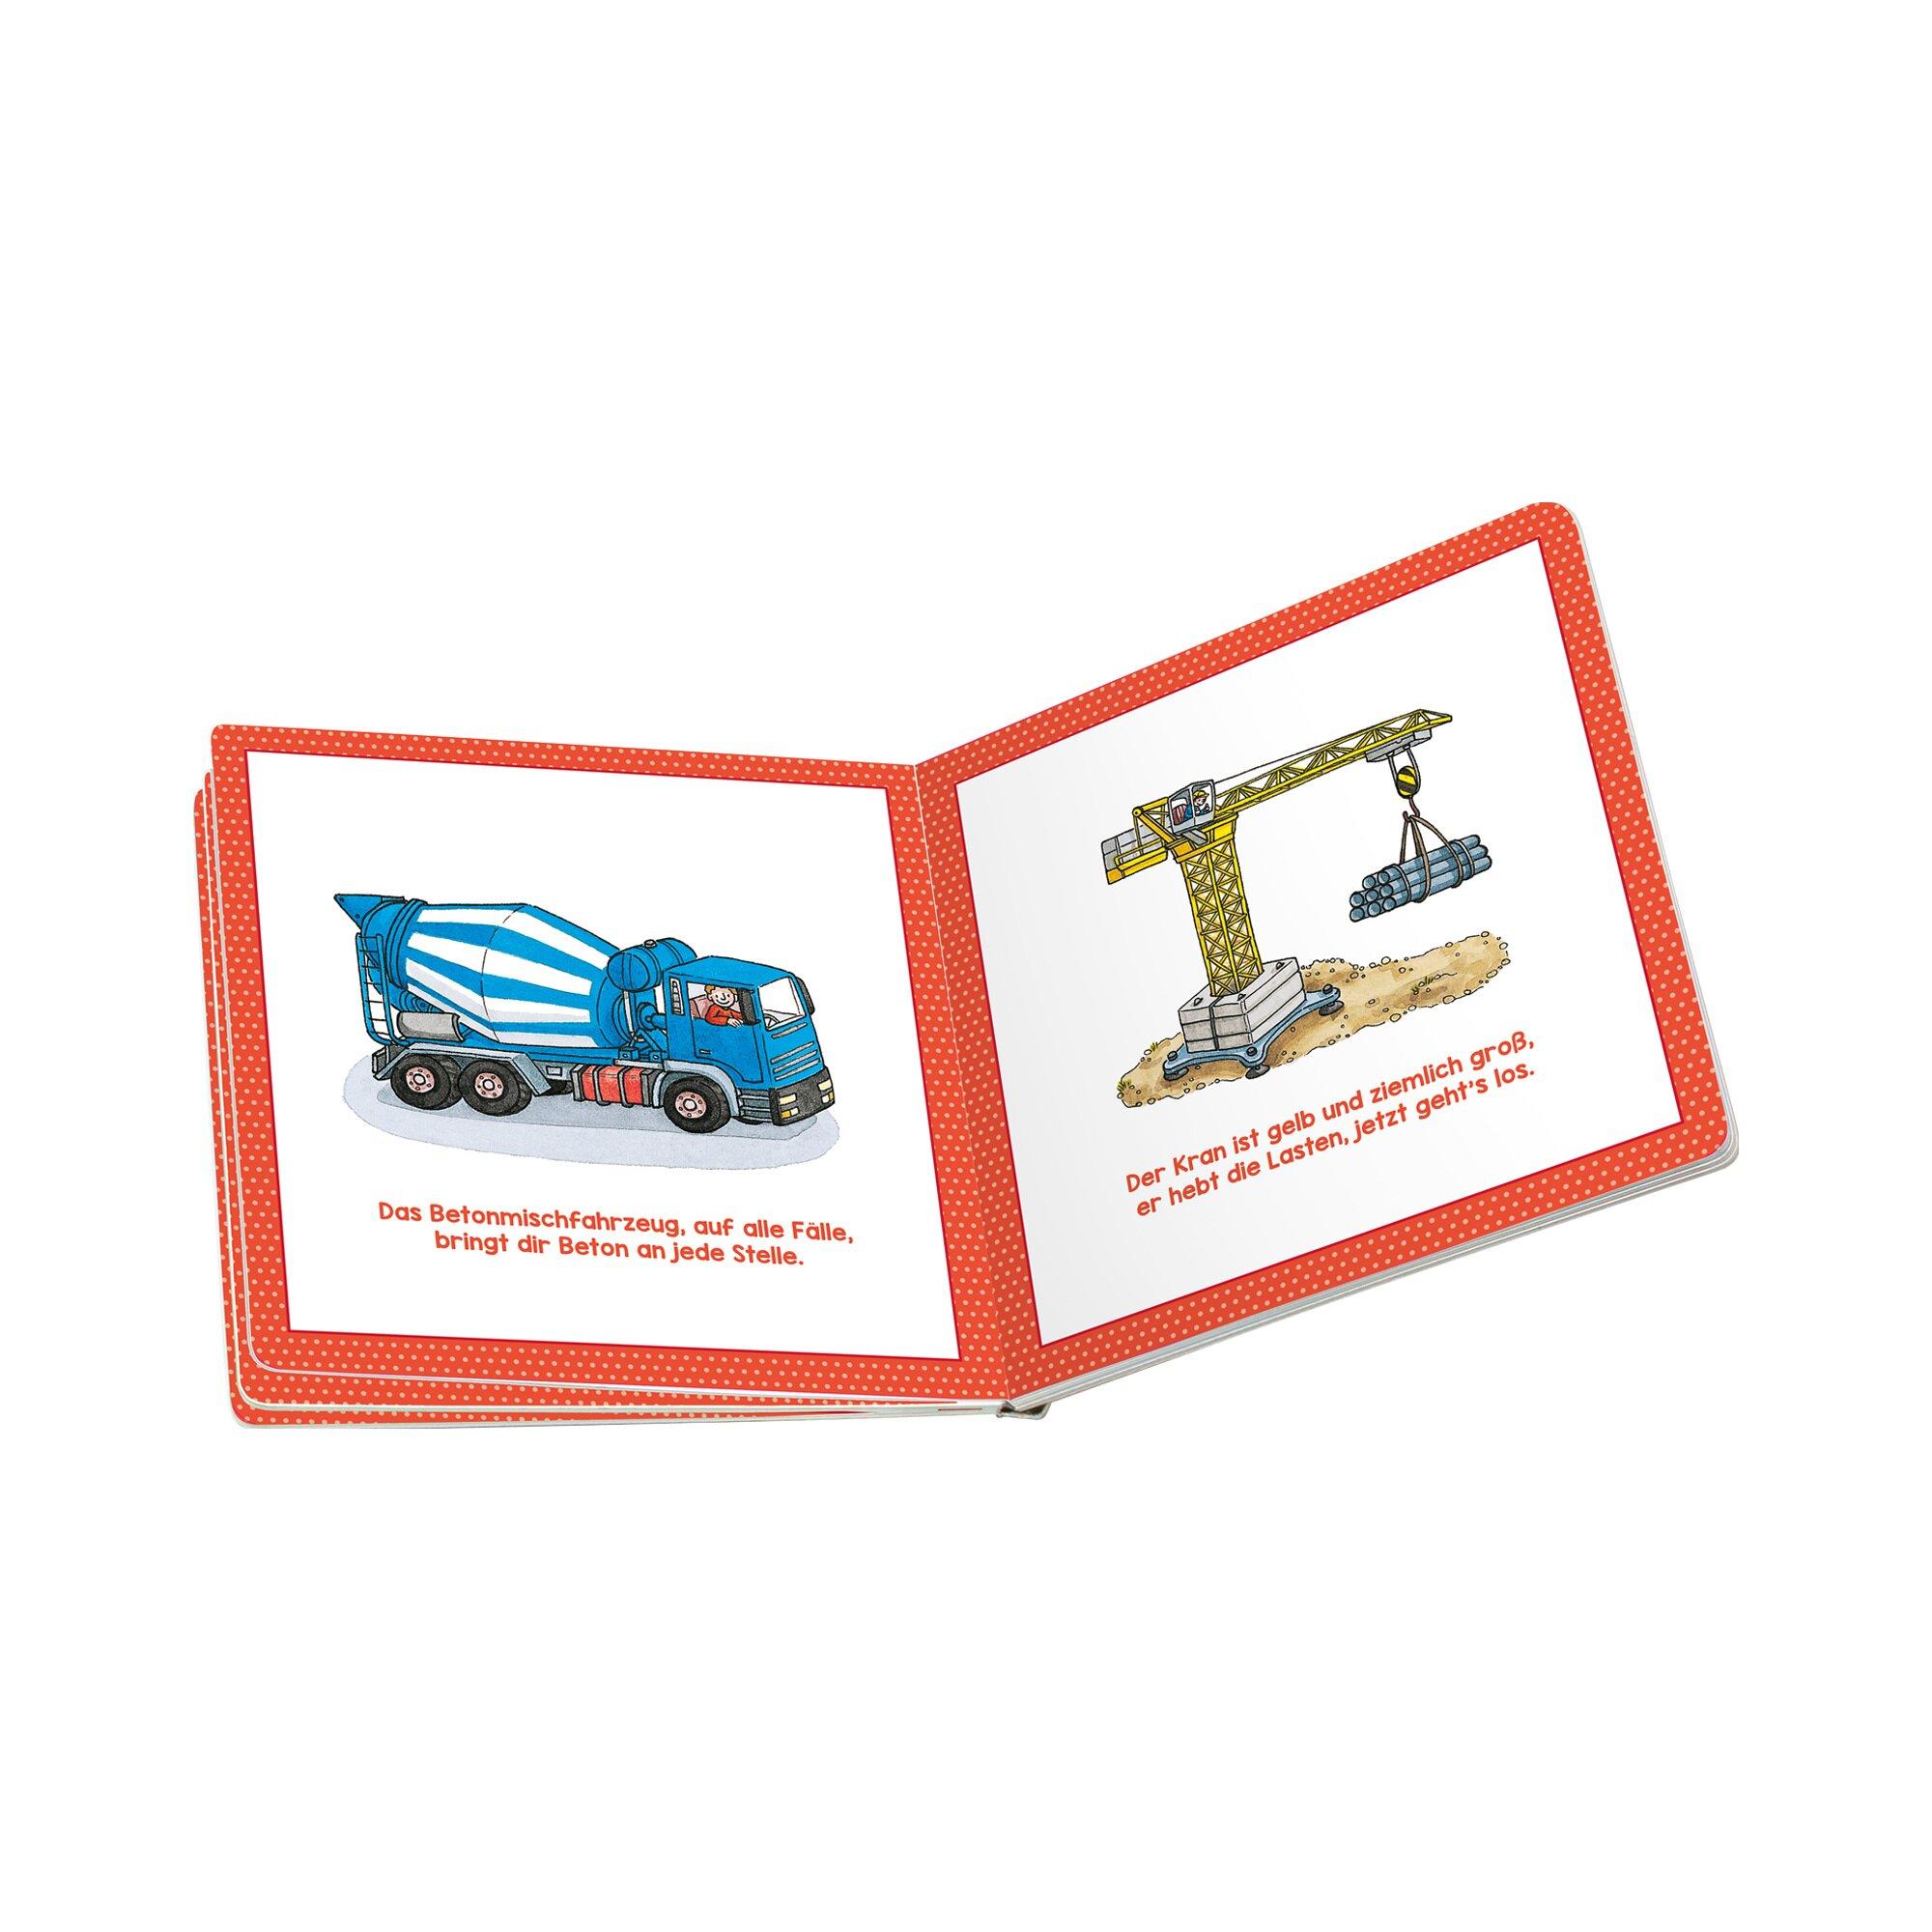 tessloff-verlag-mein-baustellen-bilderbuch